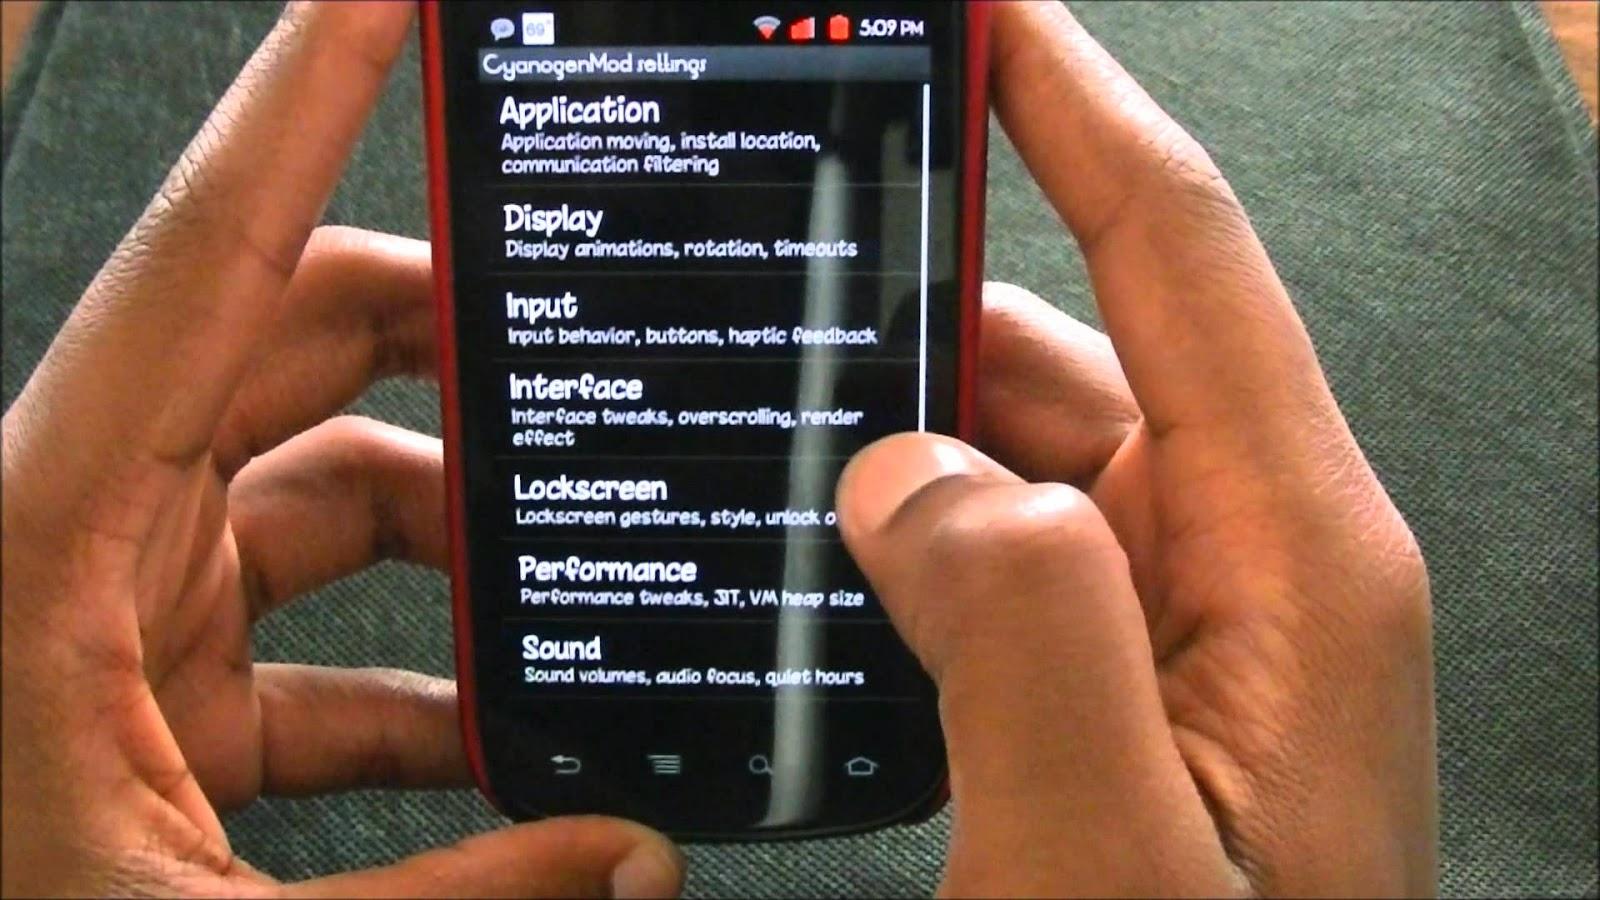 Jual Murah Smartfren Andromax C Android Ics 40 Terbaru 2018 Sinkgard Premium Series Food Waste Disposer Alat Penghancur Cara Mengganti Font Termudah Hasby If